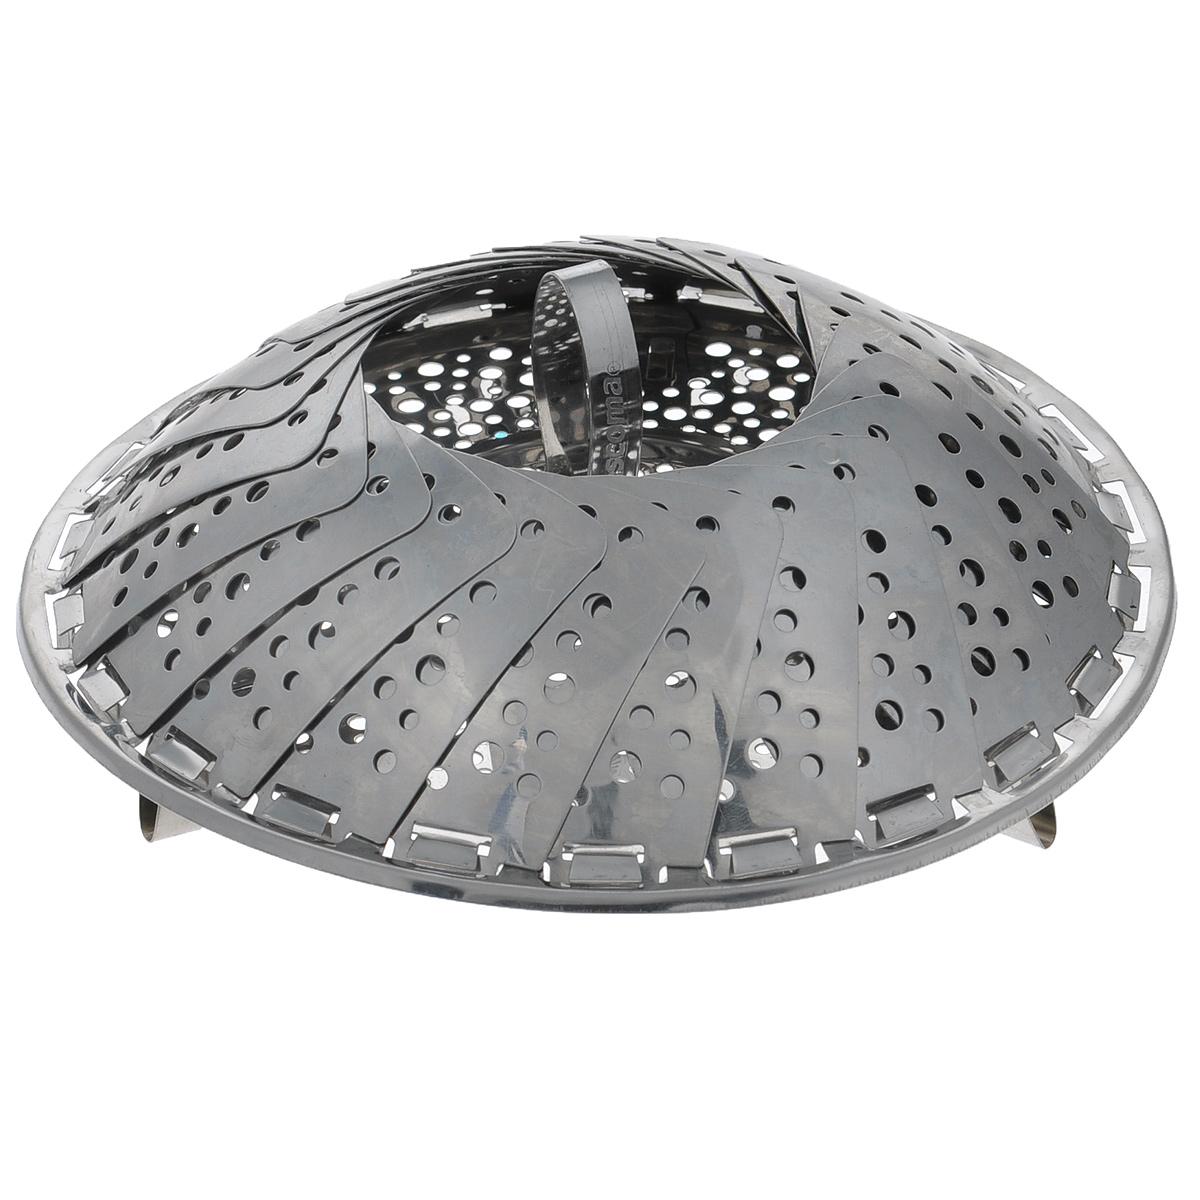 Пароварка Tescoma Presto, 18-28 см644808Пароварка Tescoma Presto предназначена для приготовления пищи на пару. Изделие выполнено из высококачественной нержавеющей стали. Пароварка устанавливается сверху на посуду. Подходит для посуды с различным диаметром. Складная, в сложенном виде занимает минимум пространства. Можно мыть в посудомоечной машине.